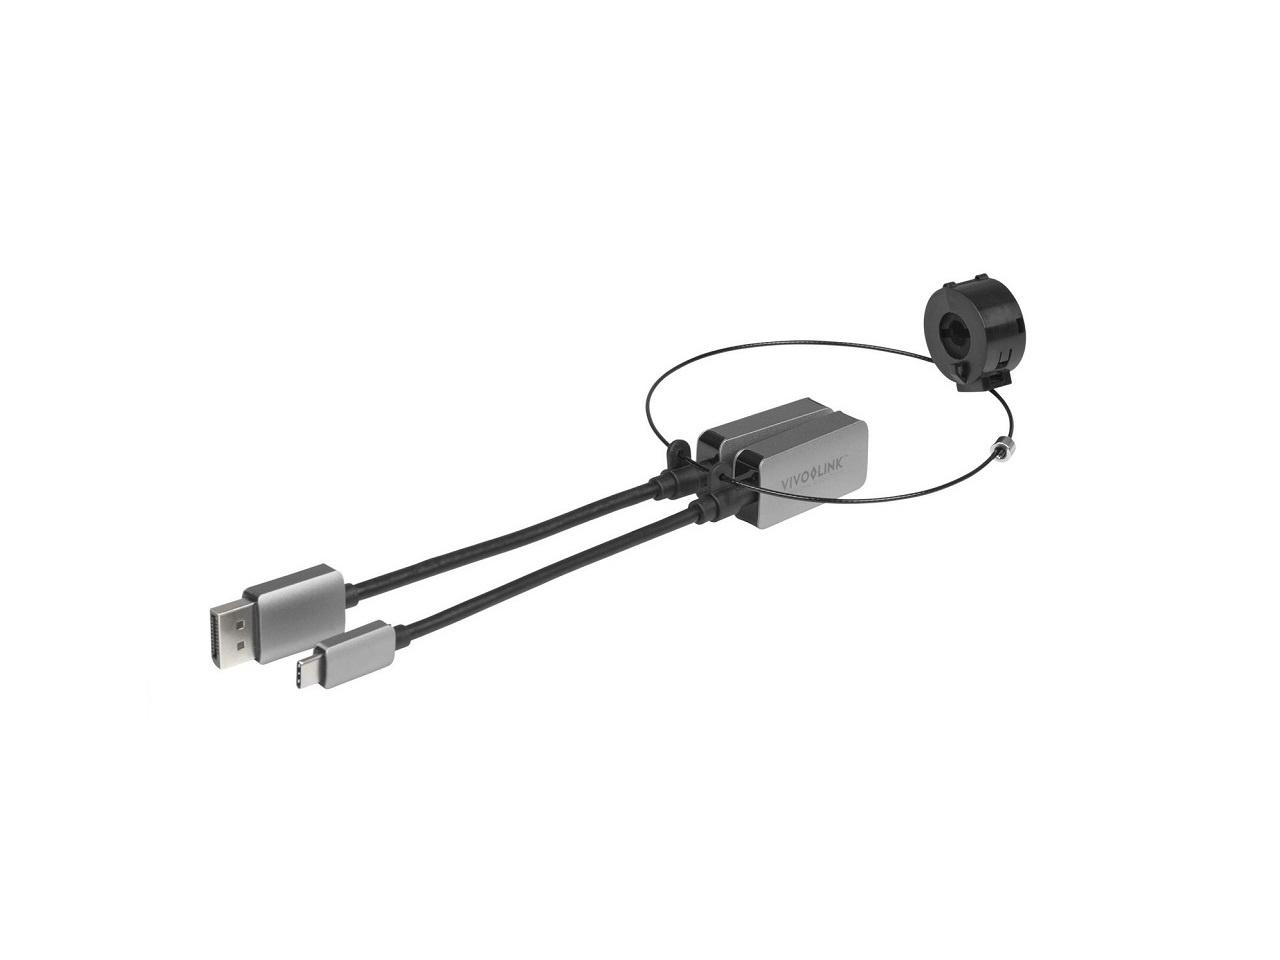 Prémium adaptergyűrű 2-HDMI_ USB-C, DisplayPort csatlakozó átalakító